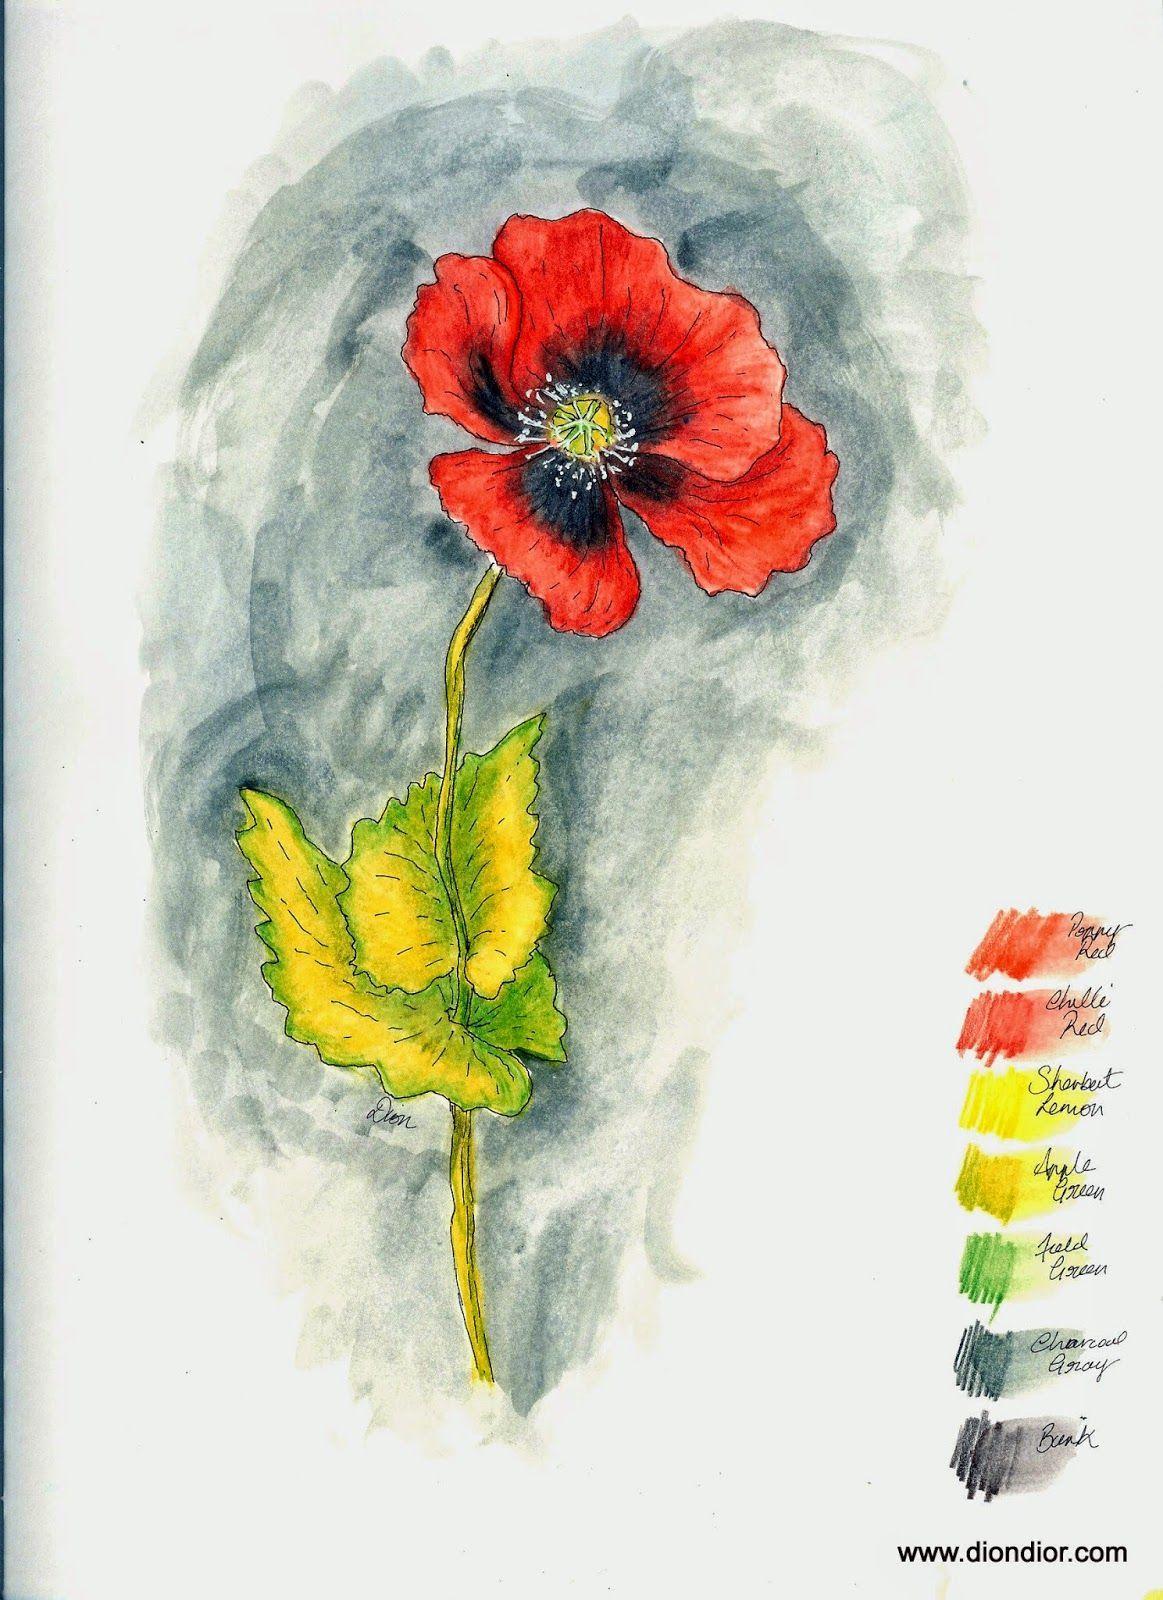 Dion Dior Watercolor Pencil Tutorial Watercolorarts